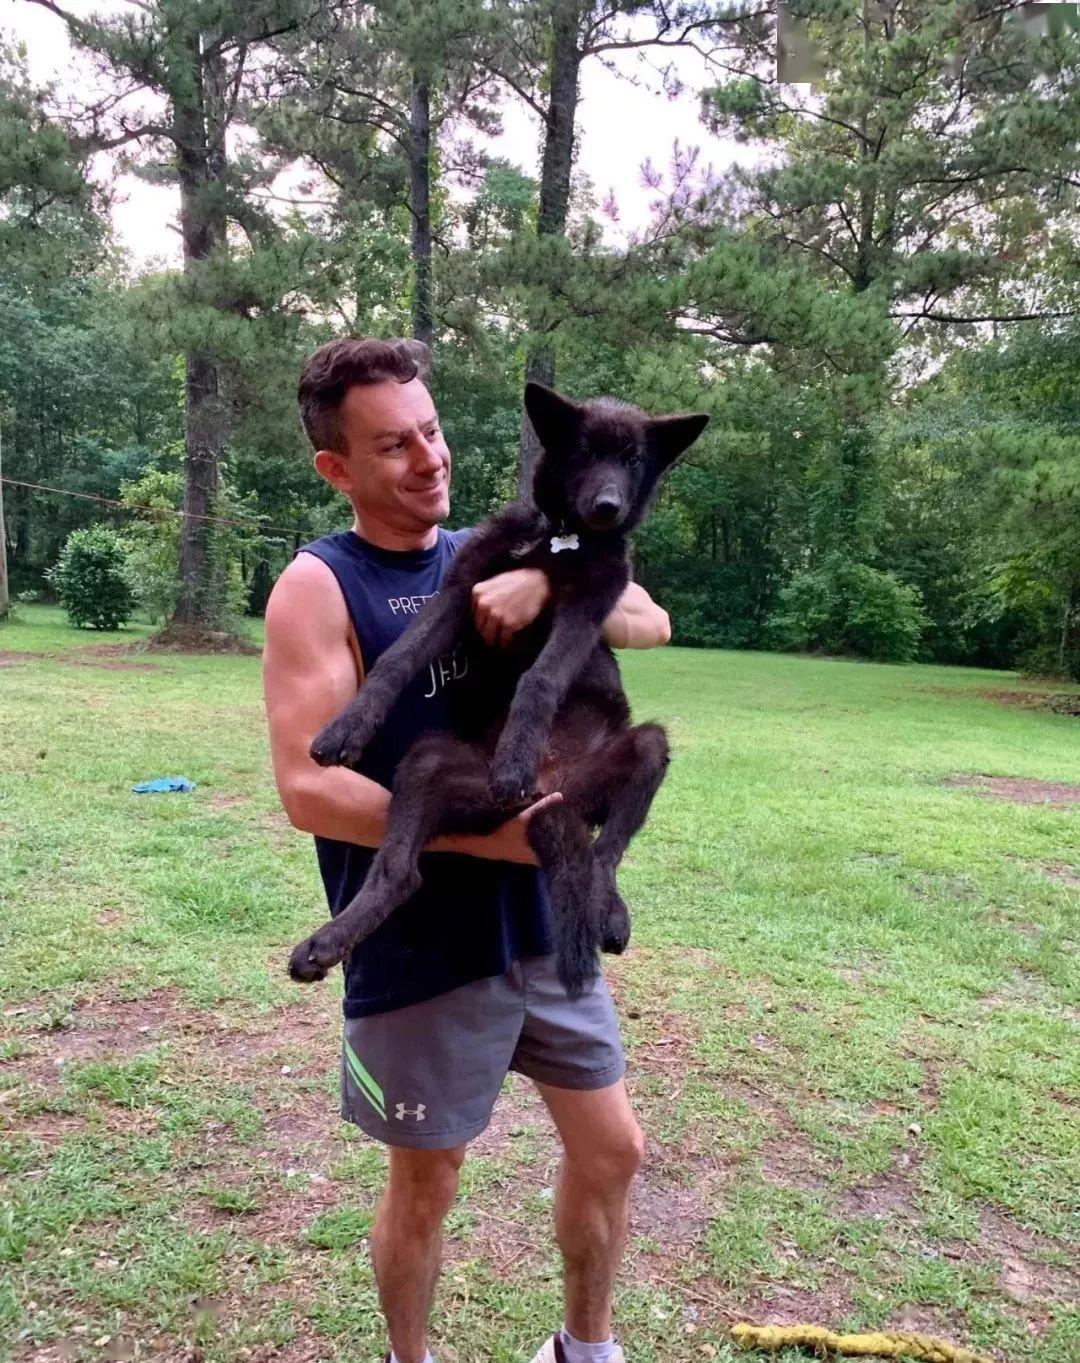 狗狗失踪六天后,主人收到项圈和纸条:狗我已经杀了,都赖你没栓绳!